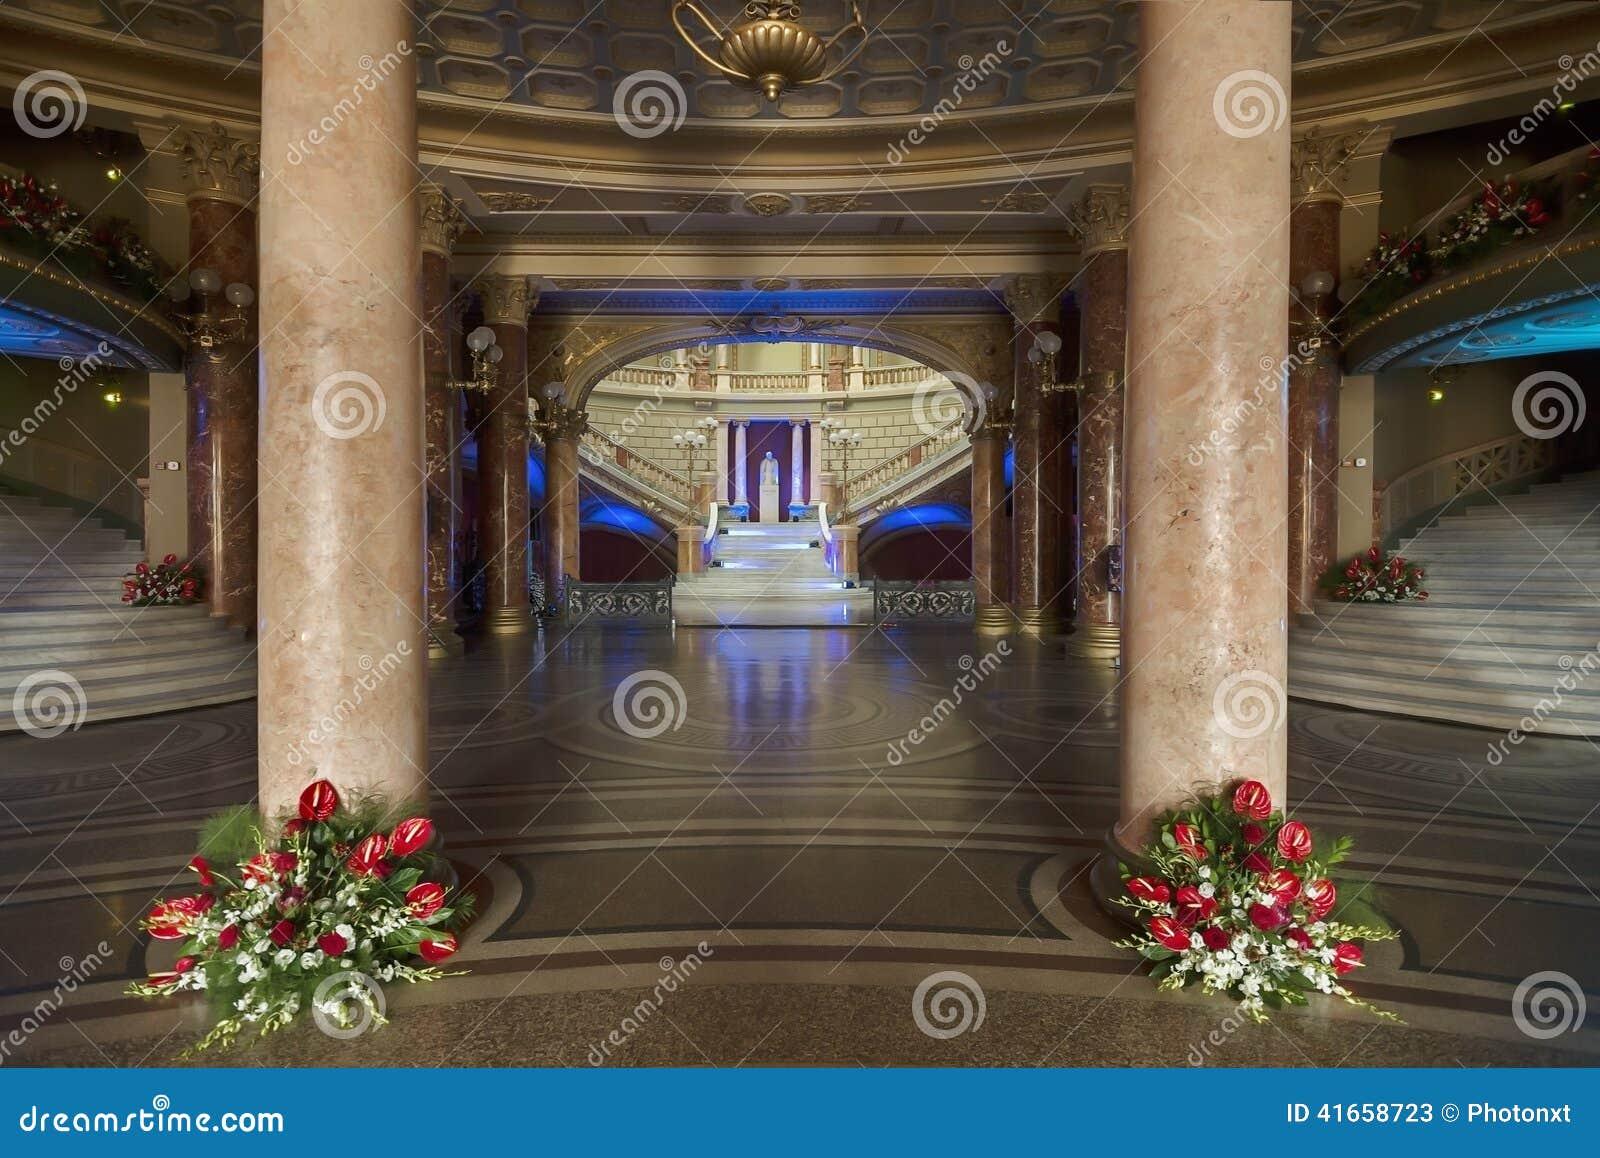 Румынский атеней, Бухарест Румыния - внутреннее изображение